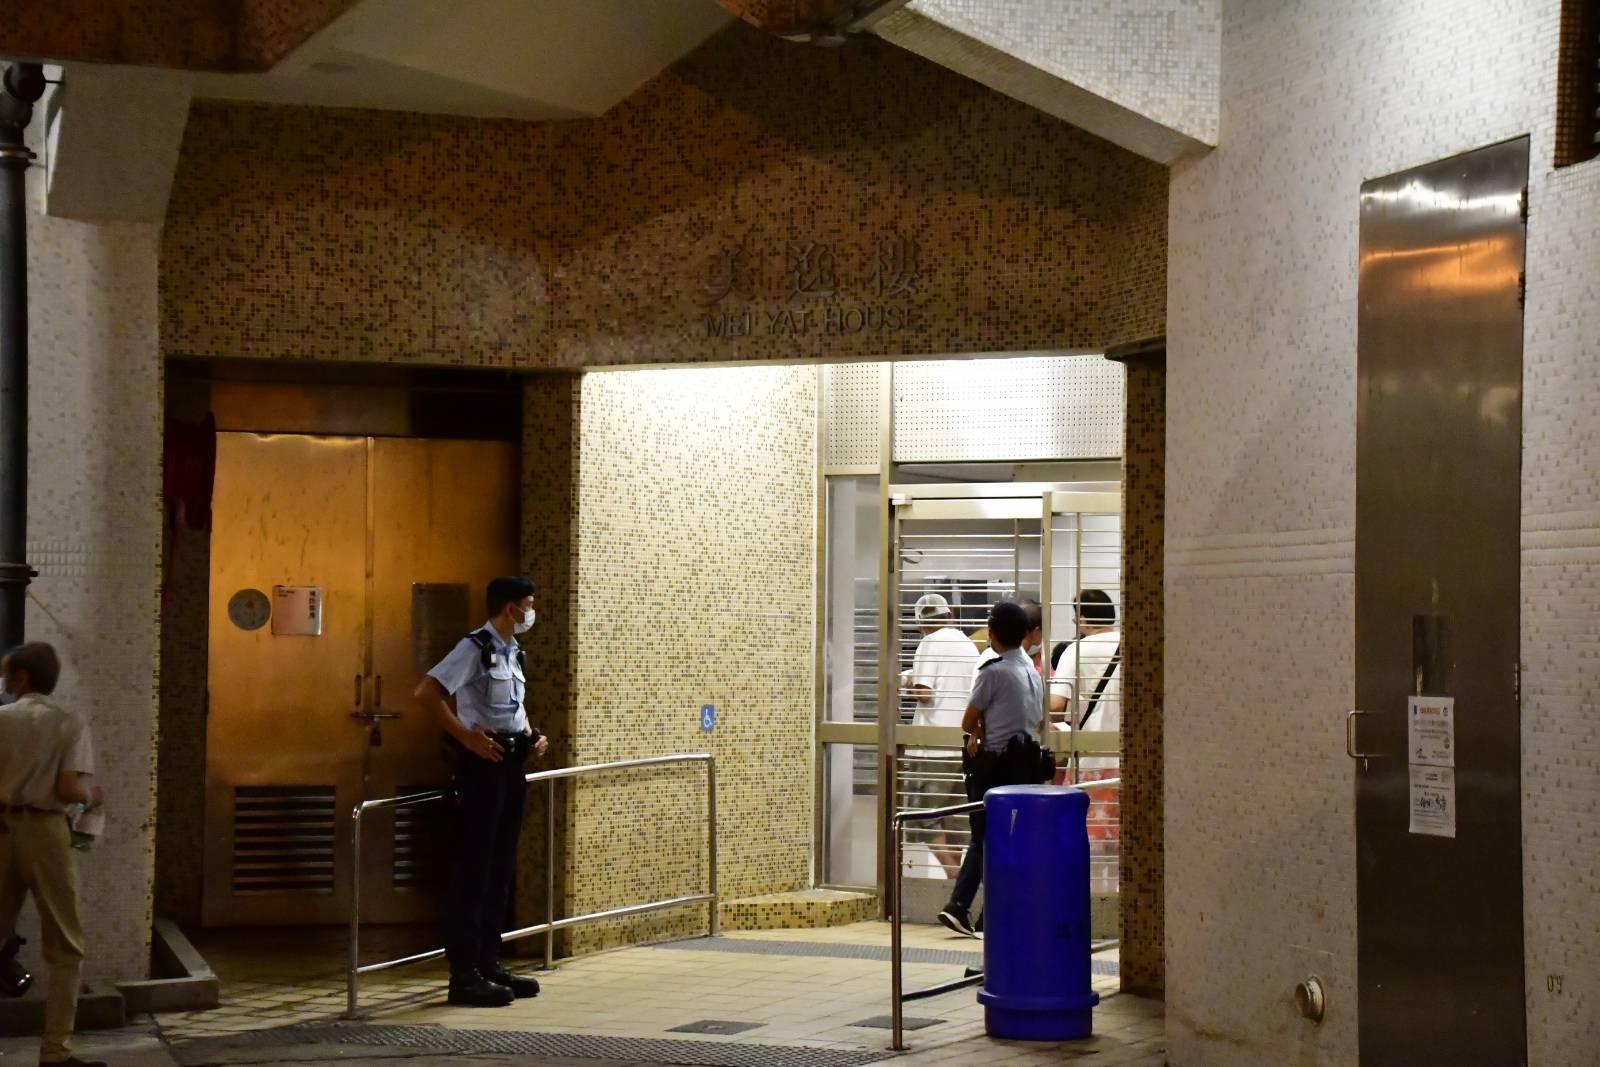 一名居住於東涌逸東(二)邨美逸樓的機場貴賓室女職員初步確診L452R變種病毒。政府昨日在逸樓封區強檢。(麥碧/大紀元)(麥碧/大紀元)